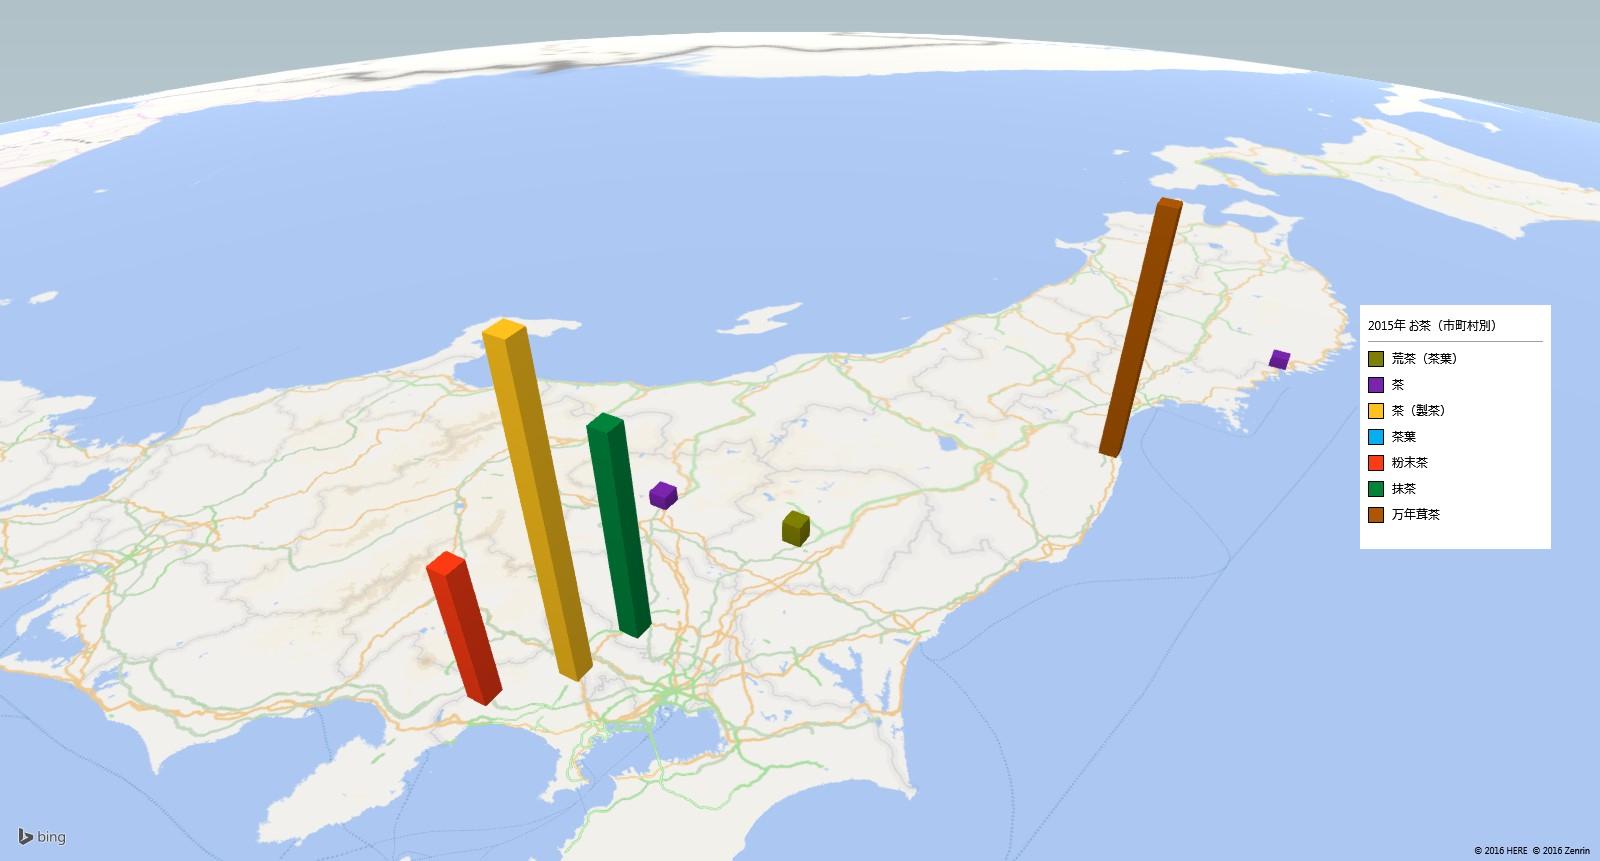 お茶類の放射能検査地図(市町村別)